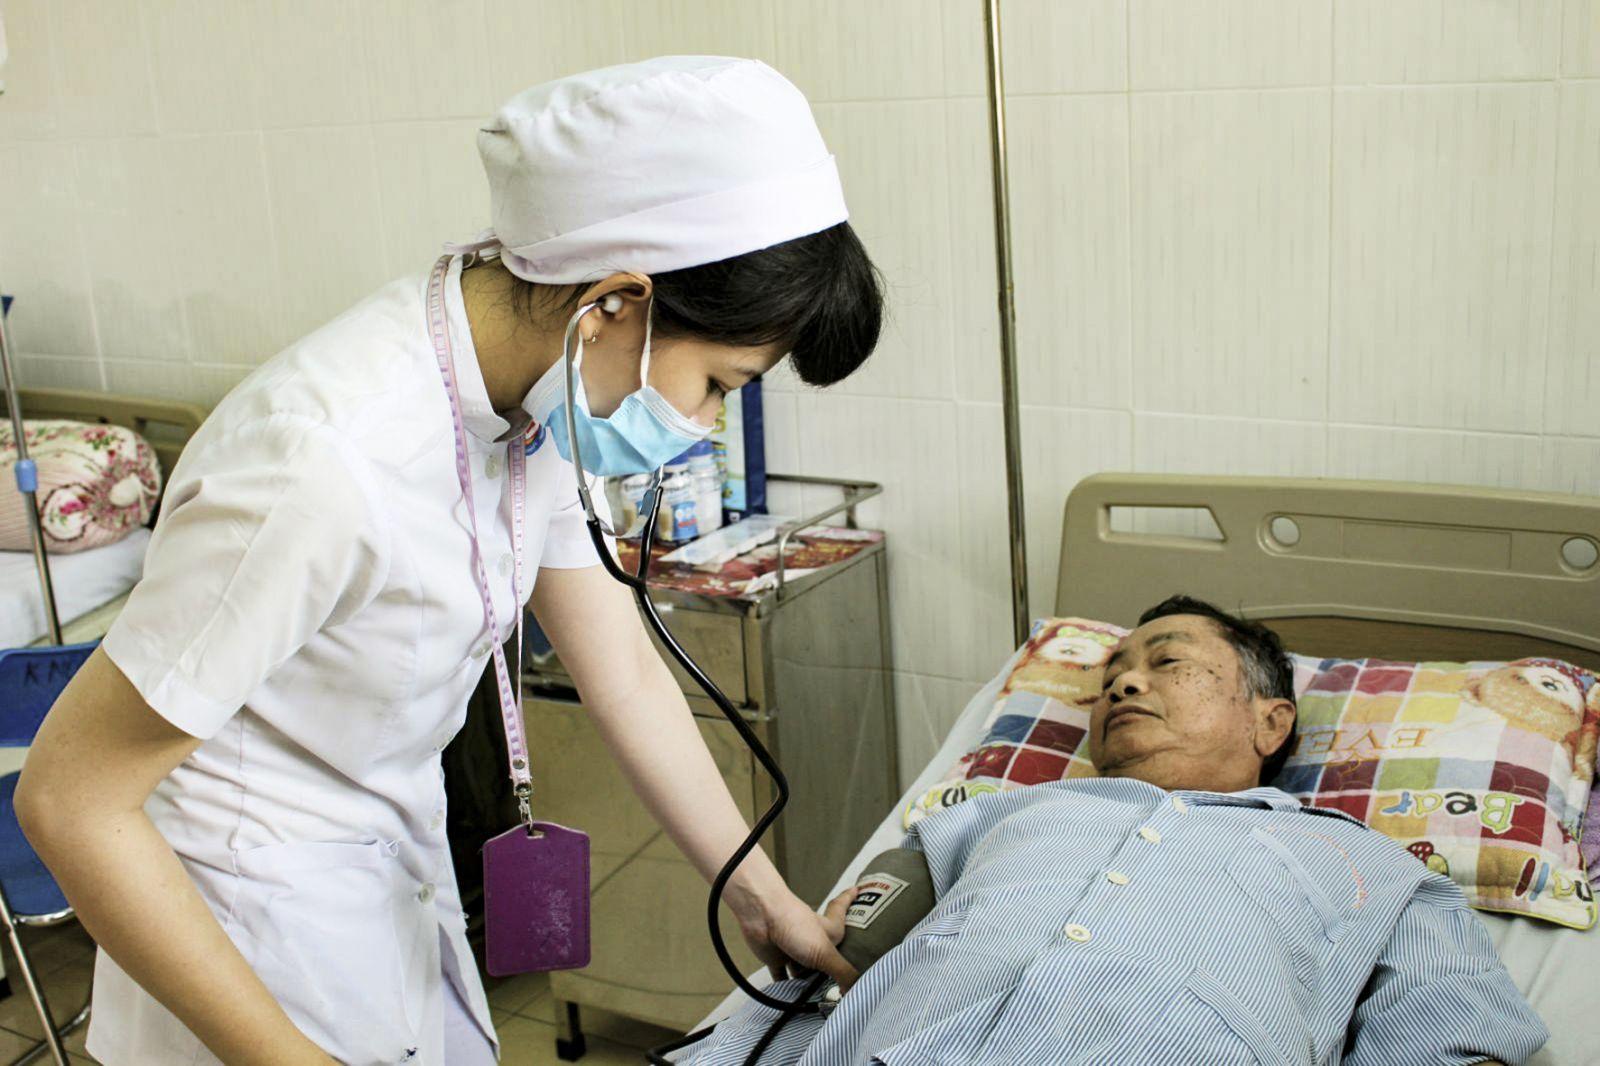 Cán bộ y tế BV Trường Đại học Y dược Cần Thơ kiểm tra sức khỏe cho bệnh nhân đái tháo đường đang điều trị.